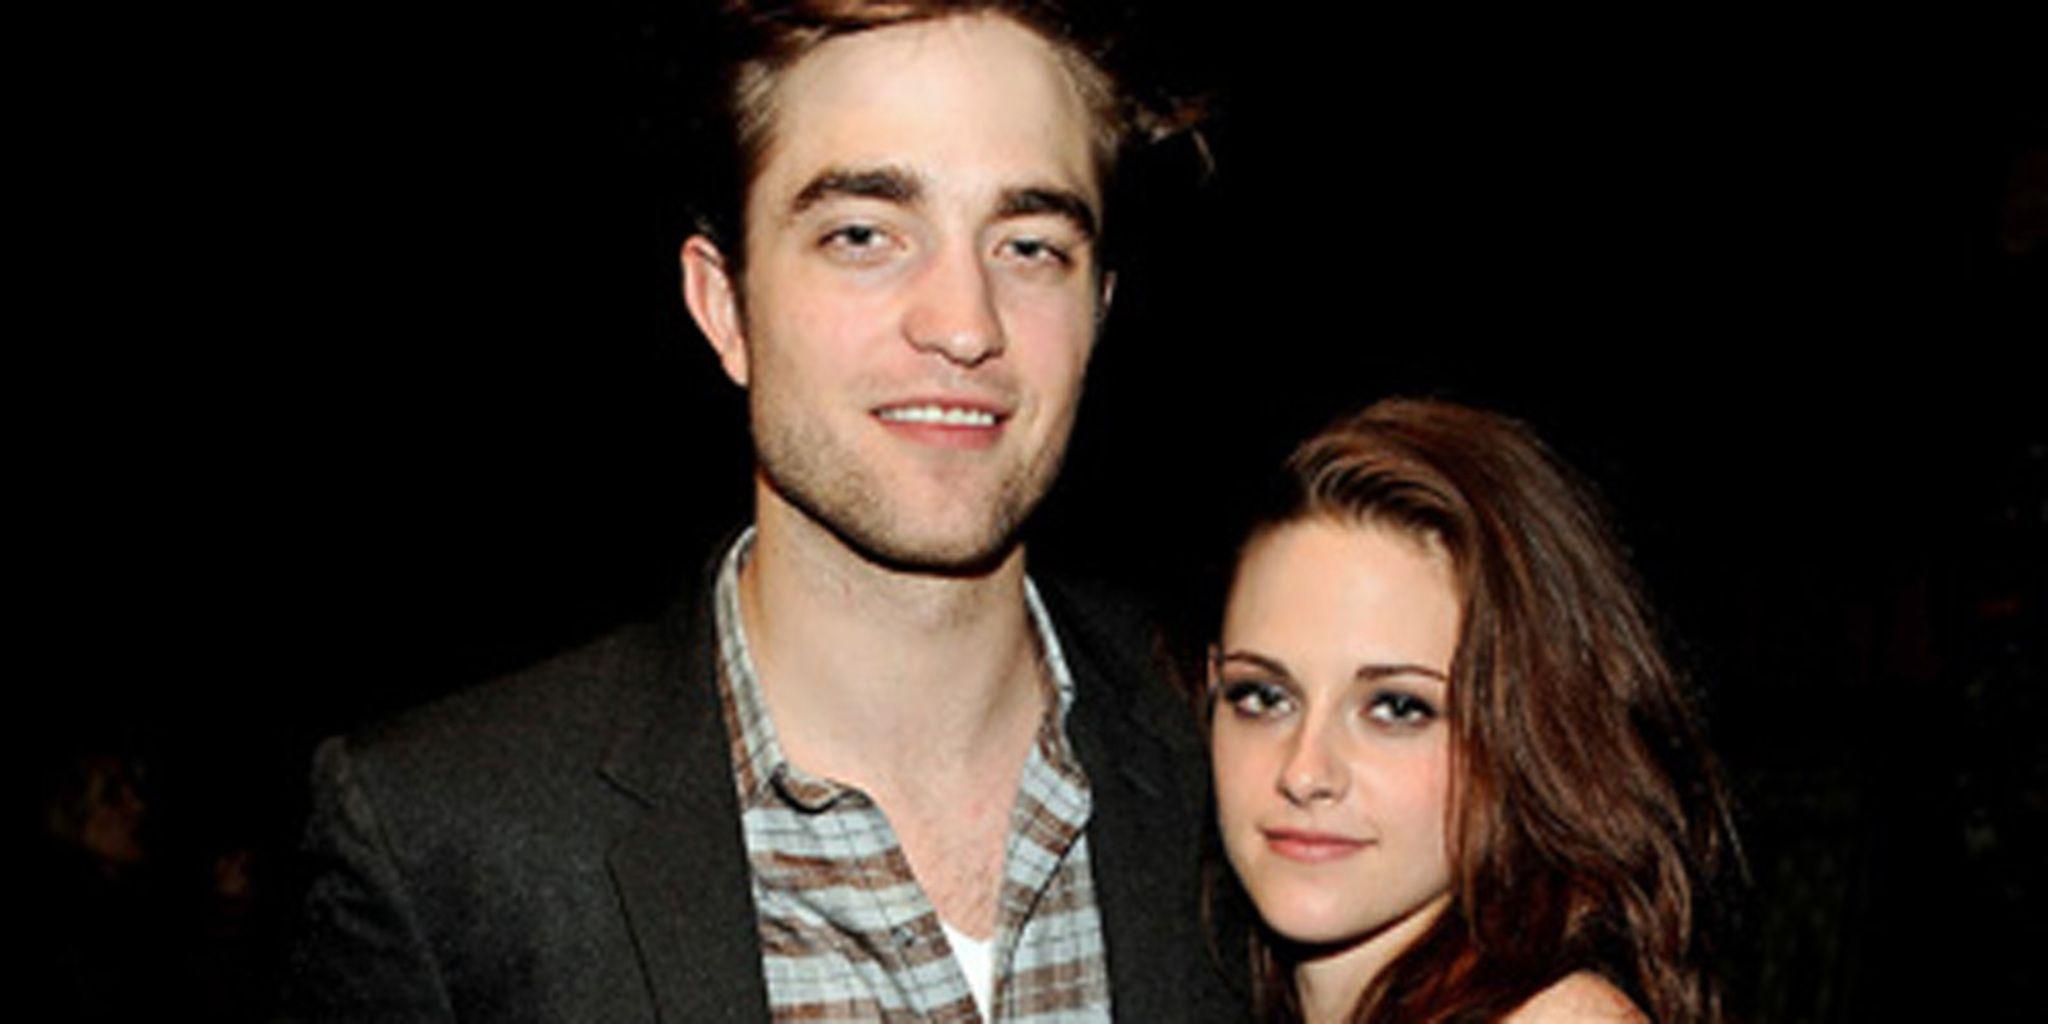 Rob Pattinson en Kristen Stewart dating bevestigd dating site voor poolspelers